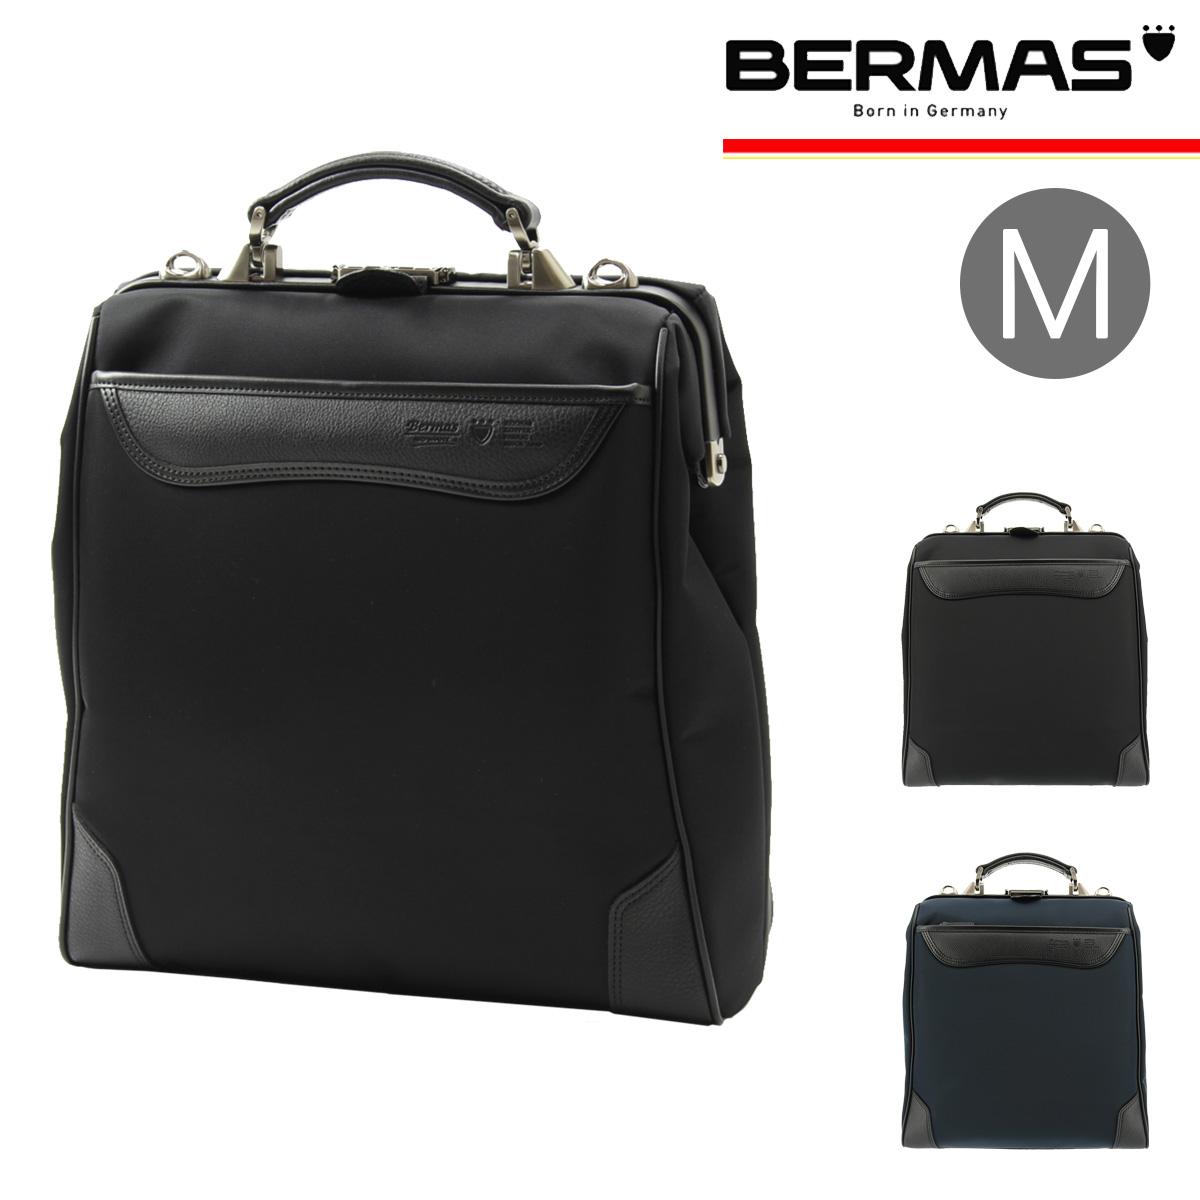 バーマス リュック ファース メンズ 60033 BERMAS | リュックサック A4 ナイロン 日本製[bef]